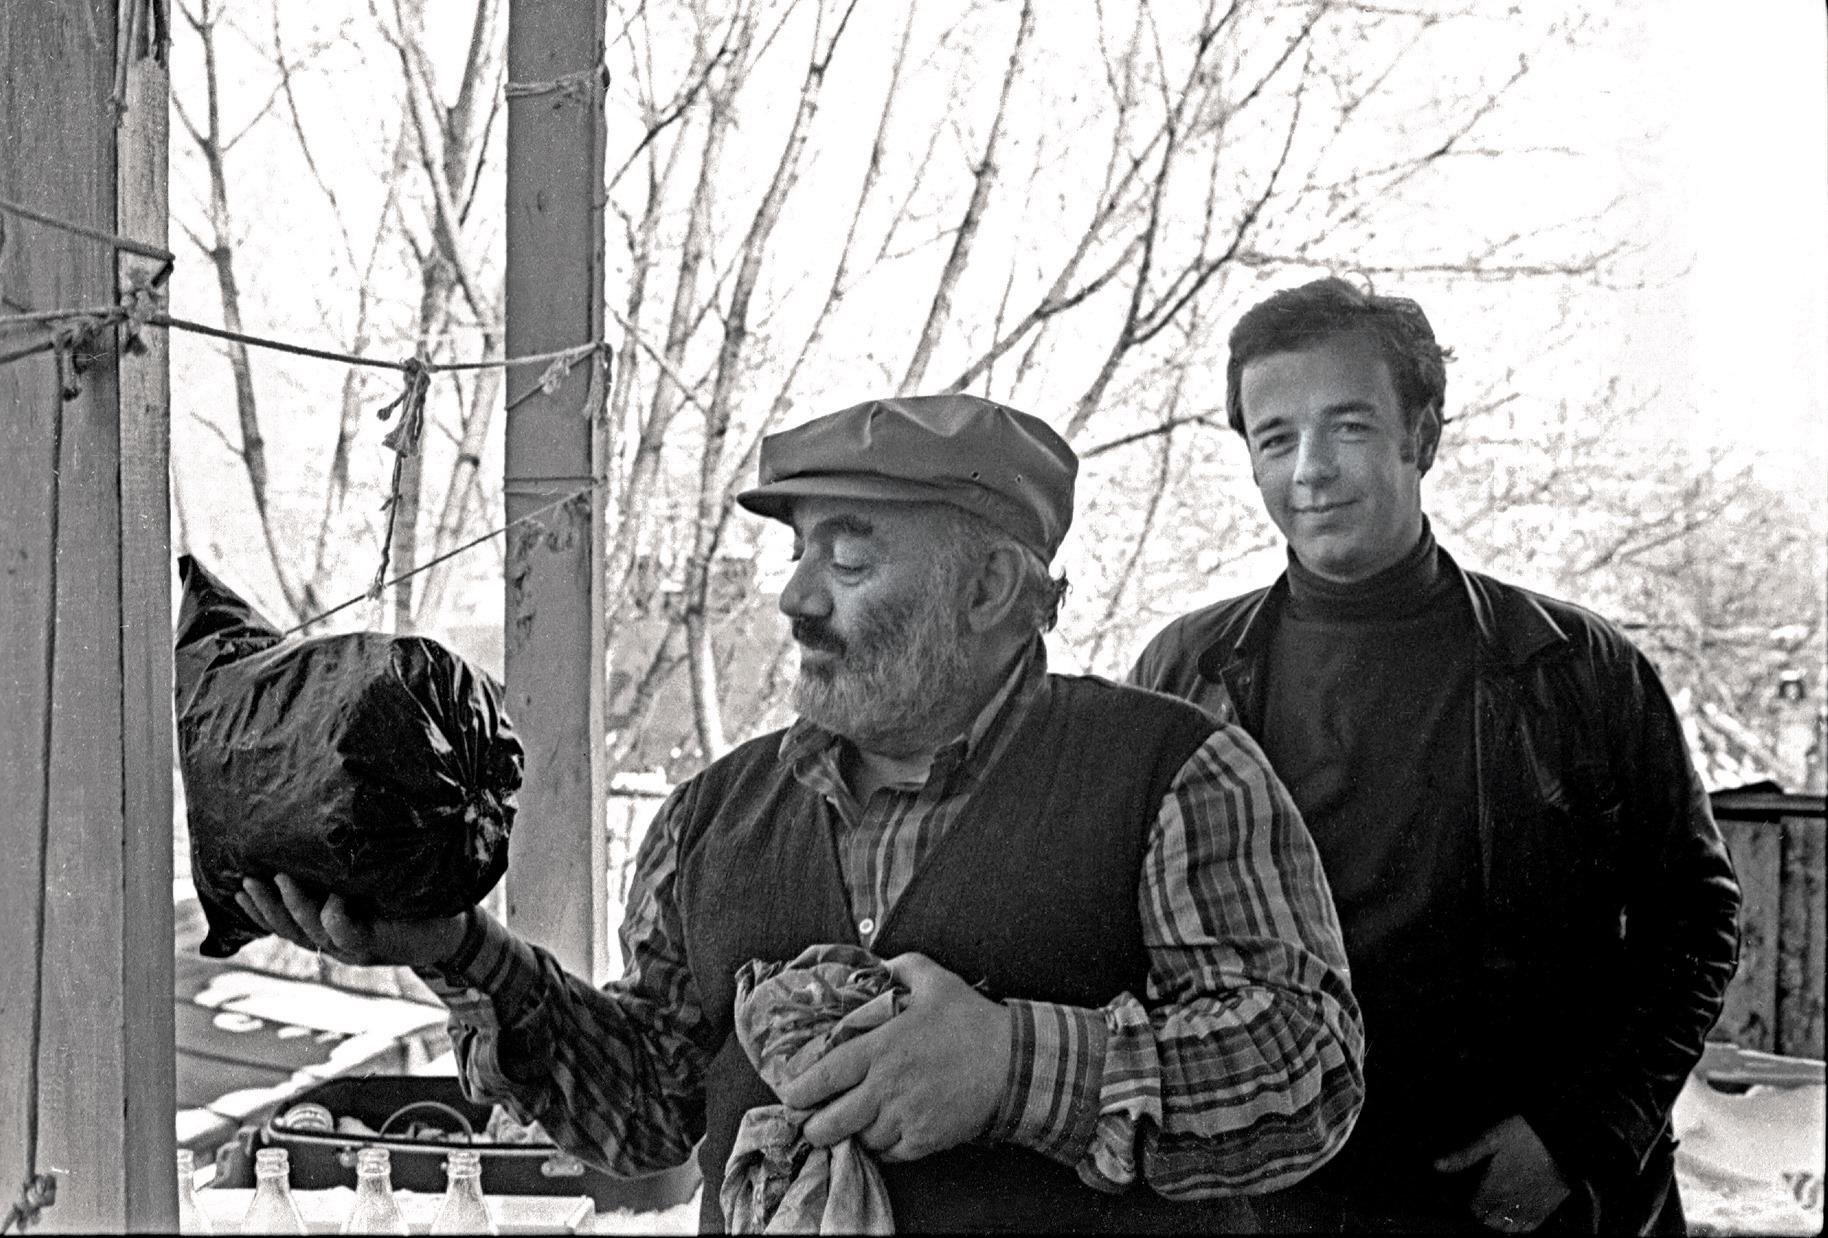 Умер единственный сын знаменитого режиссера Сергея Параджанова - фото №2